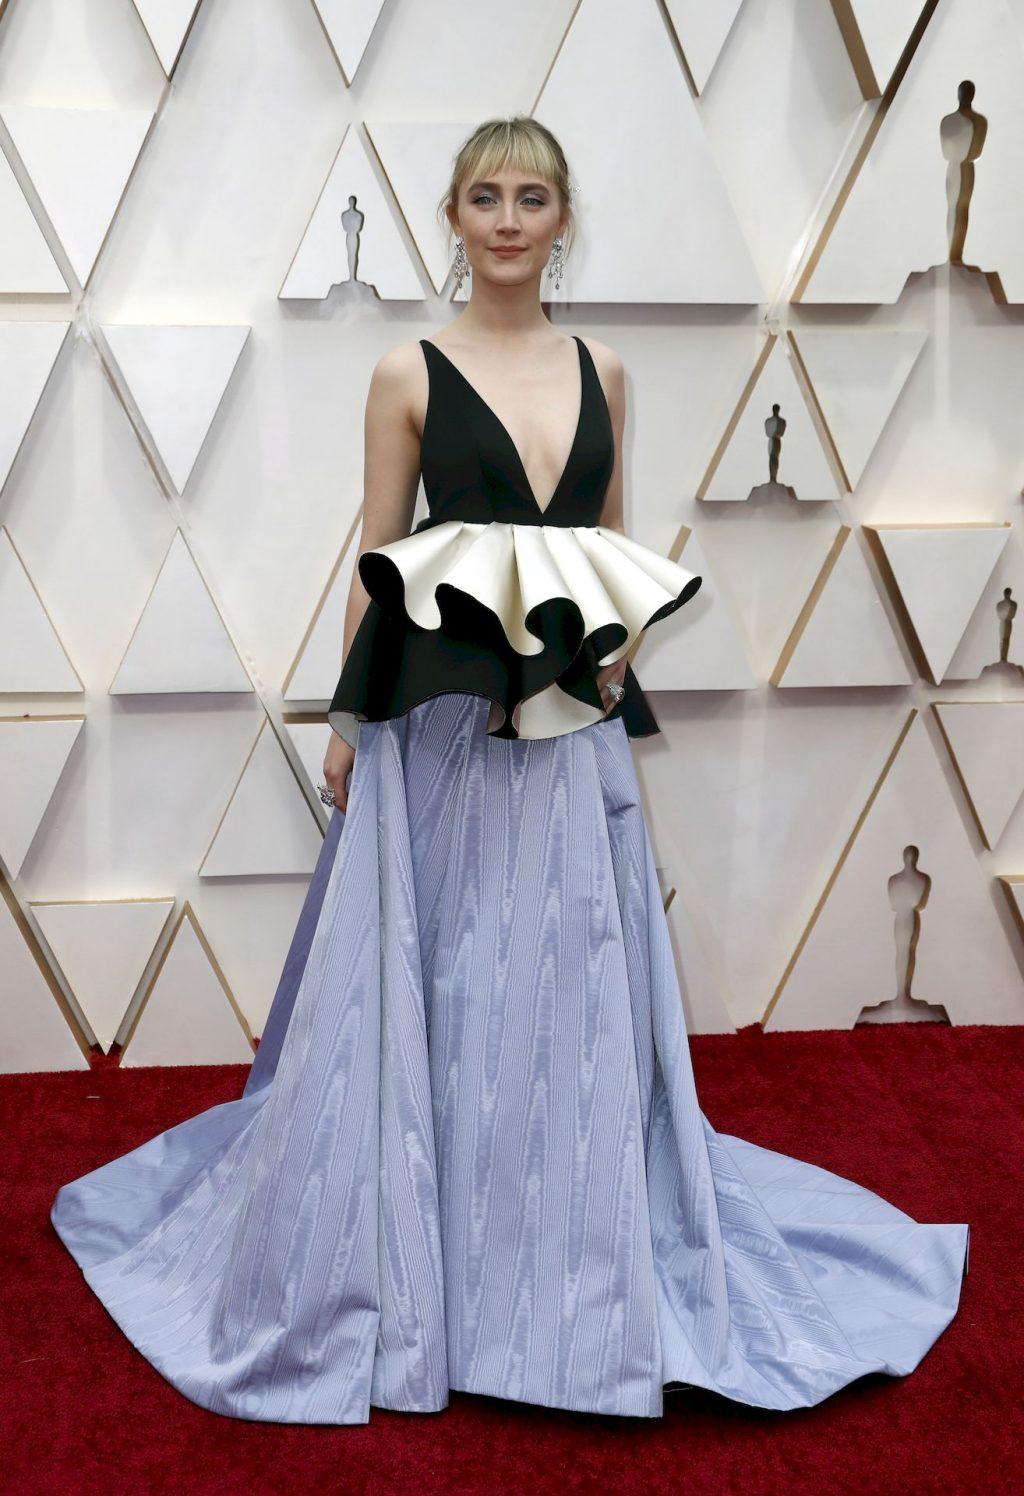 Tittyless Saoirse Ronan Arrives to the 92nd Academy Awards (8 Photos)